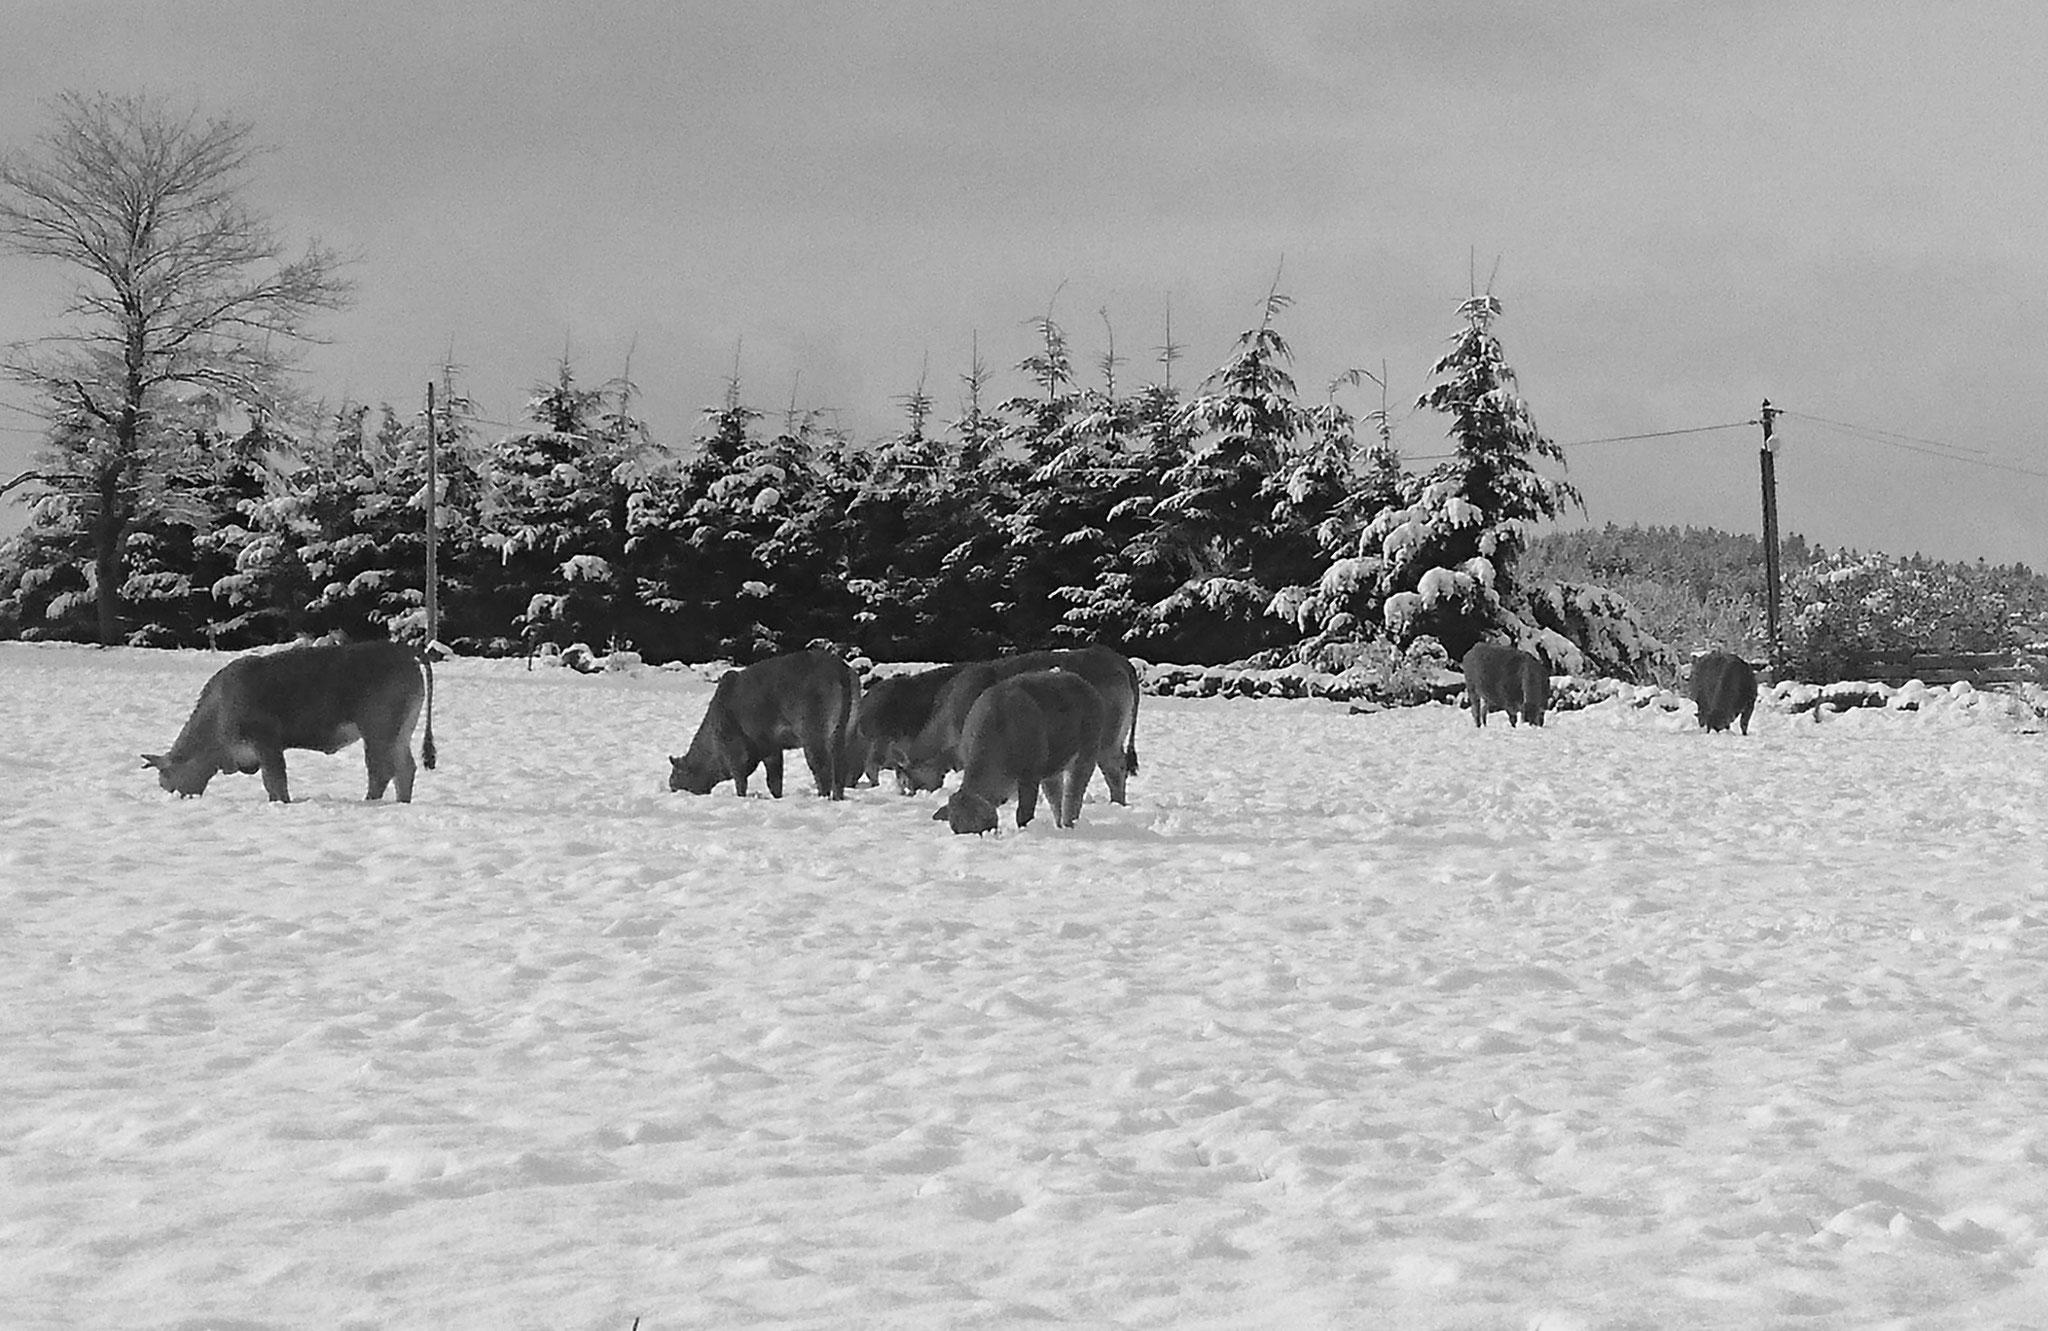 Les vaches dans la neige